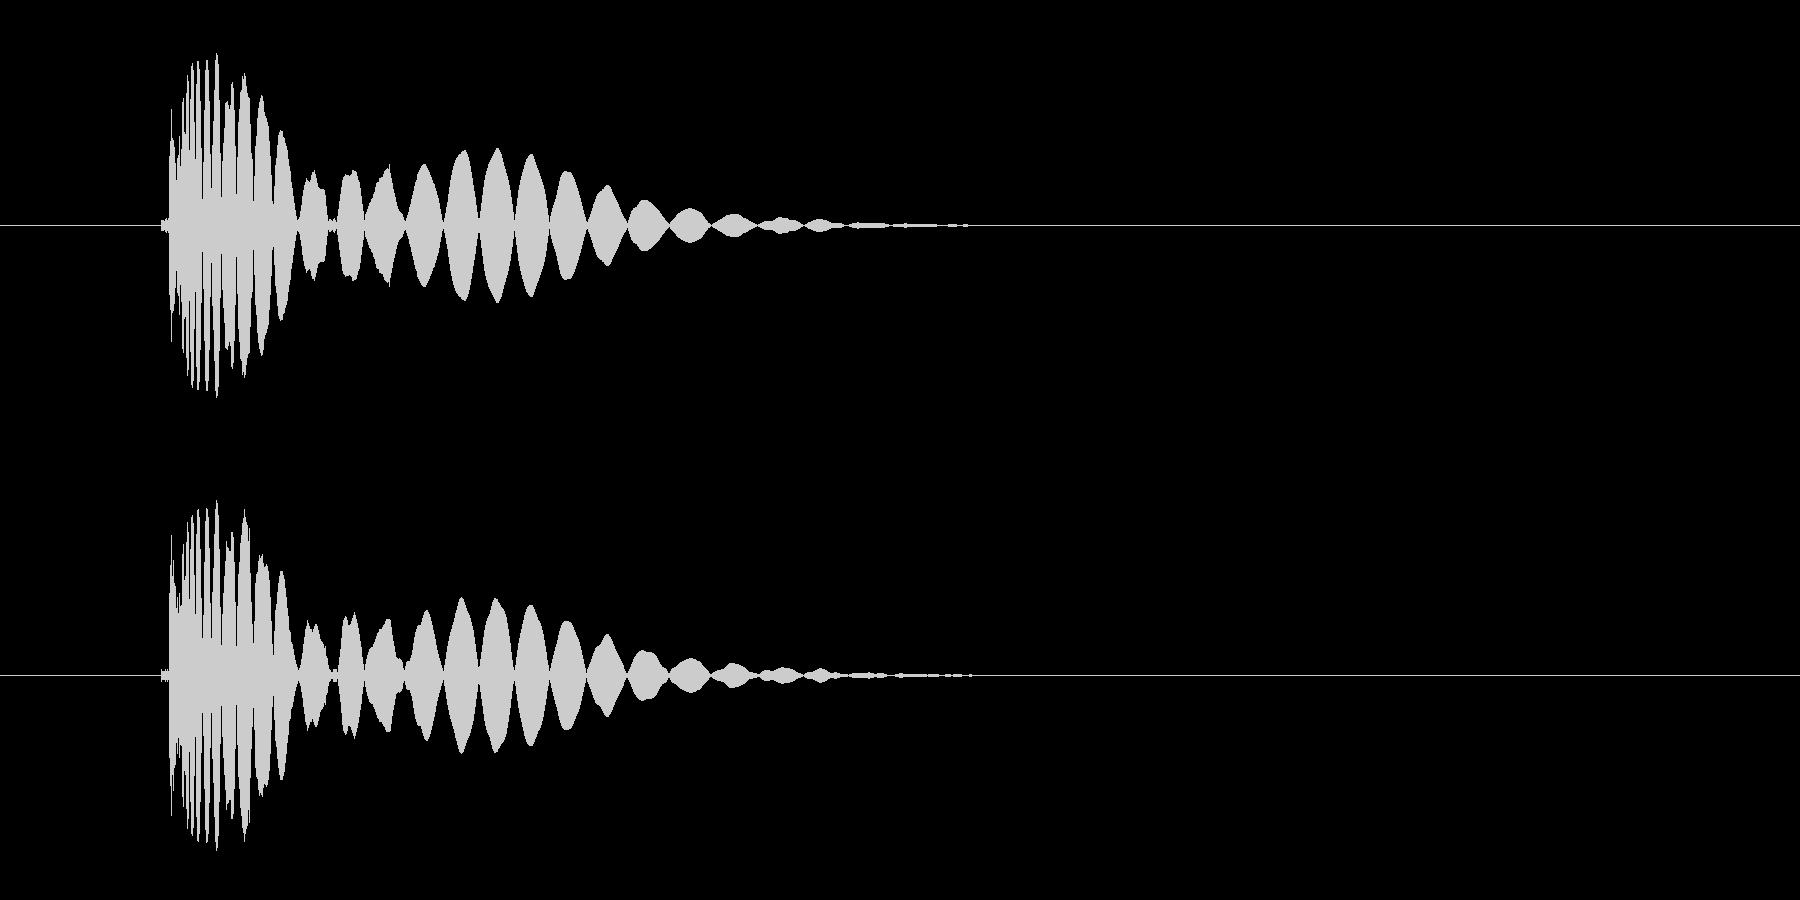 ヒット音(蹴る-4 打撃のインパクト音)の未再生の波形